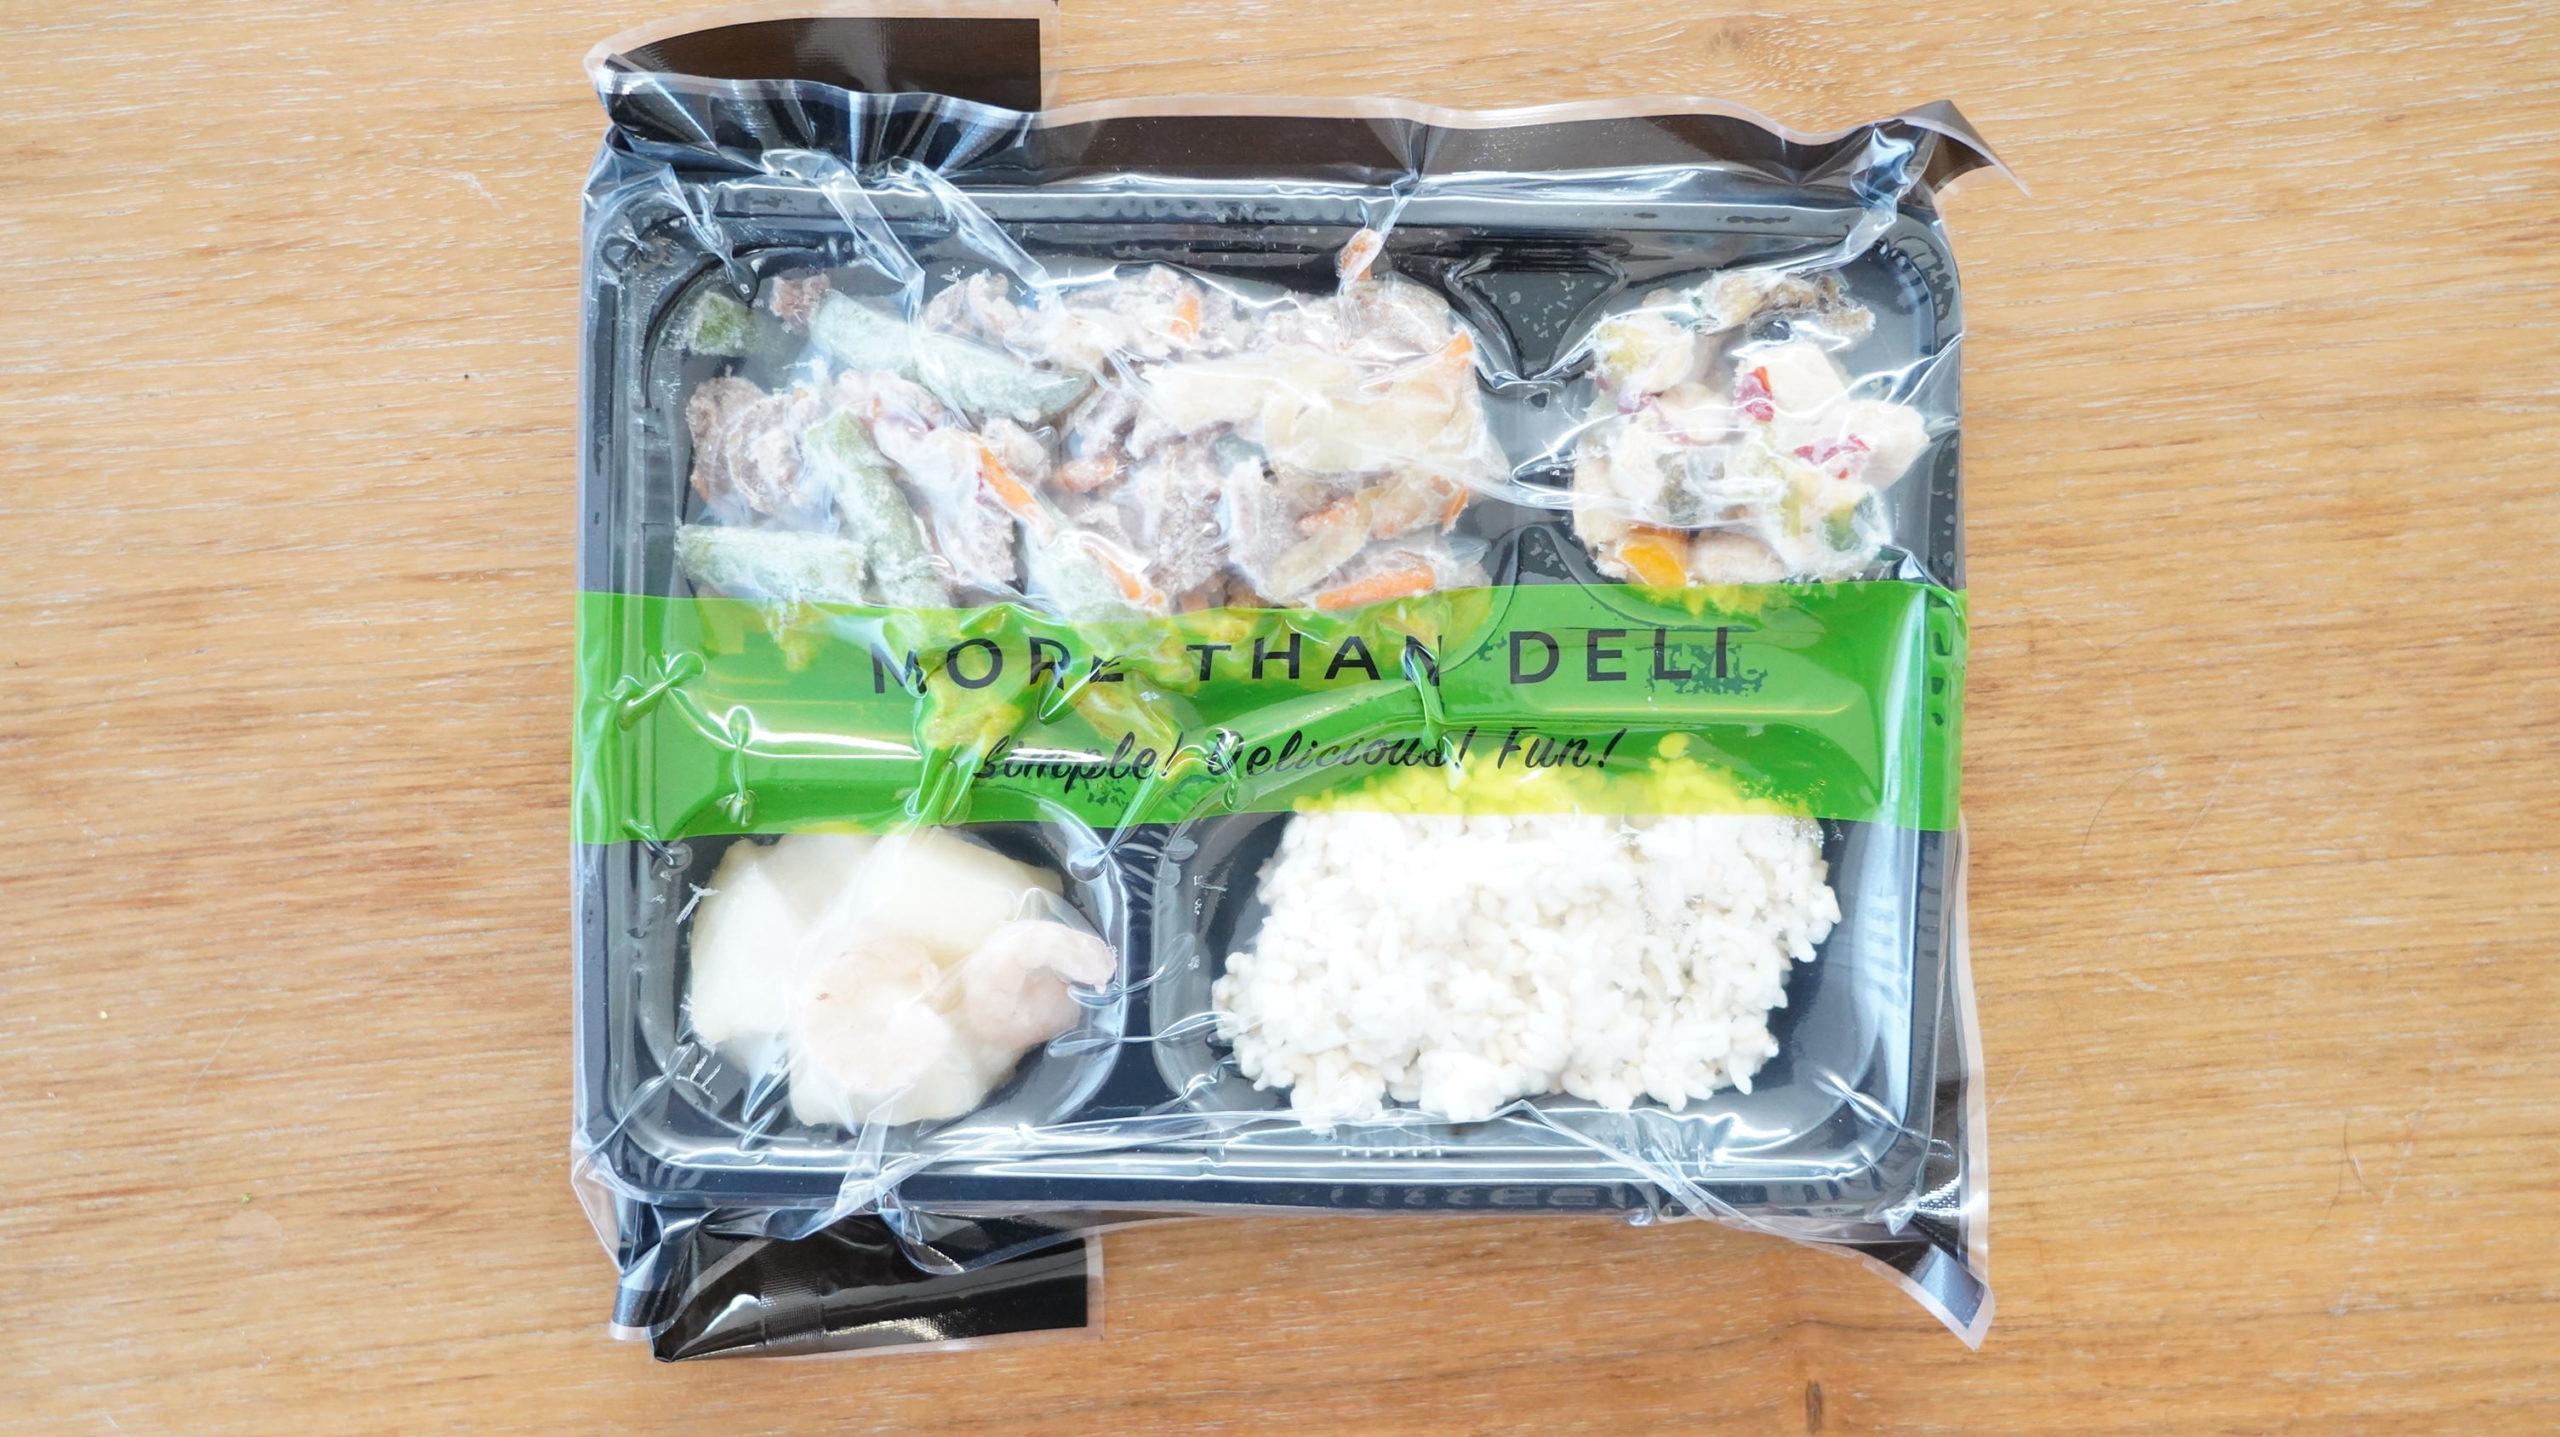 More than Deli(モアザンデリ)の冷凍弁当「鶏肉と野菜の黒酢あんかけ」のパッケージ写真